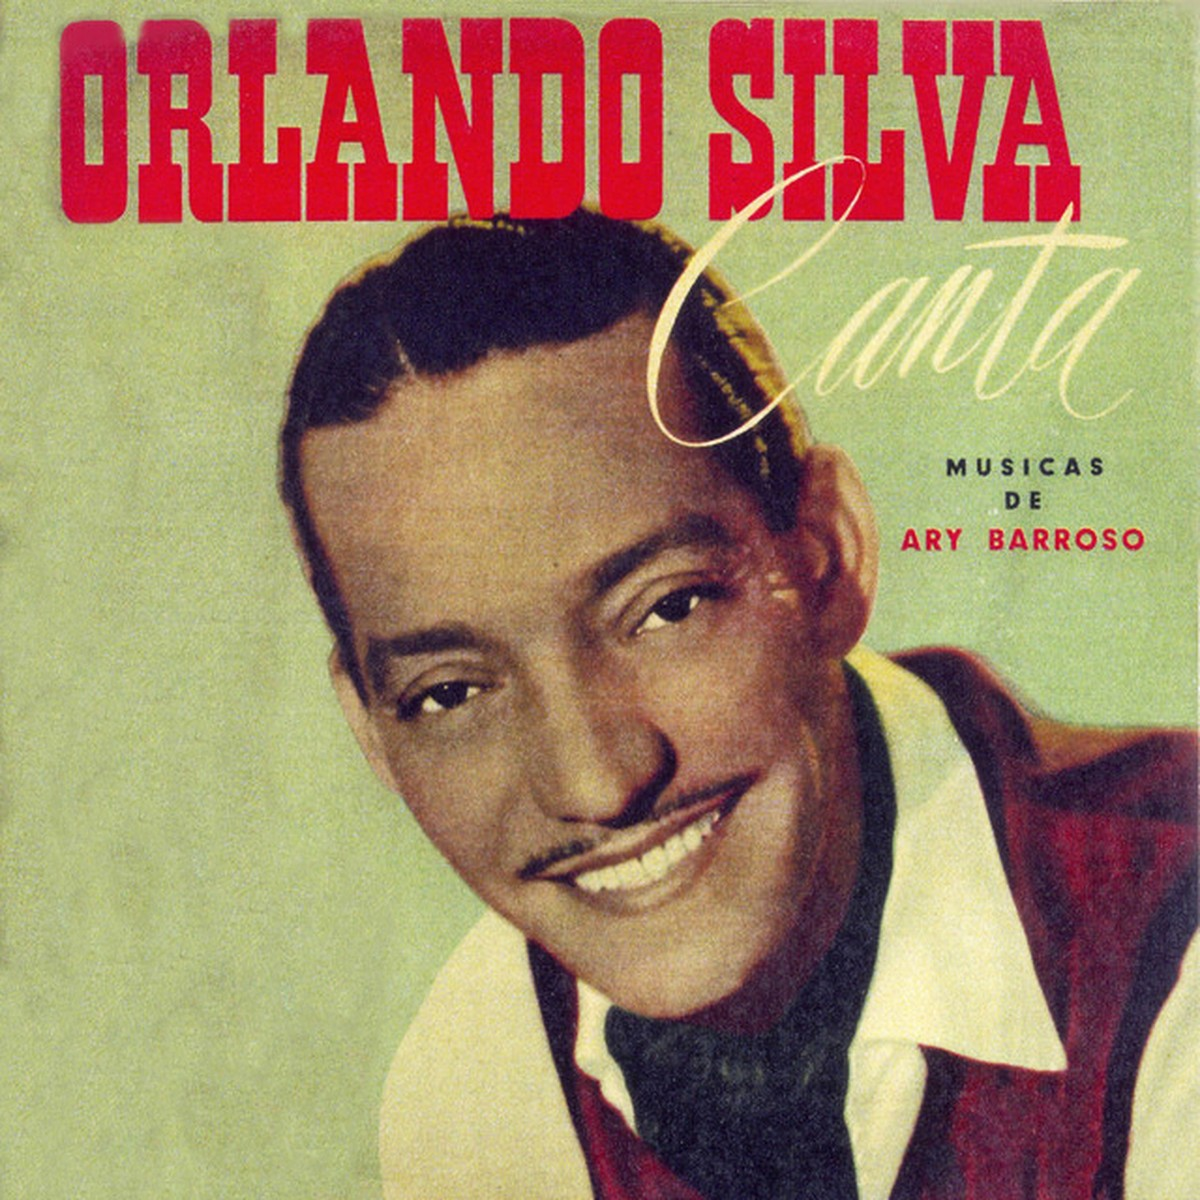 Discos para descobrir em casa – 'Orlando Silva canta músicas de Ary Barroso', Orlando Silva, 1953 | Blog do Mauro Ferreira